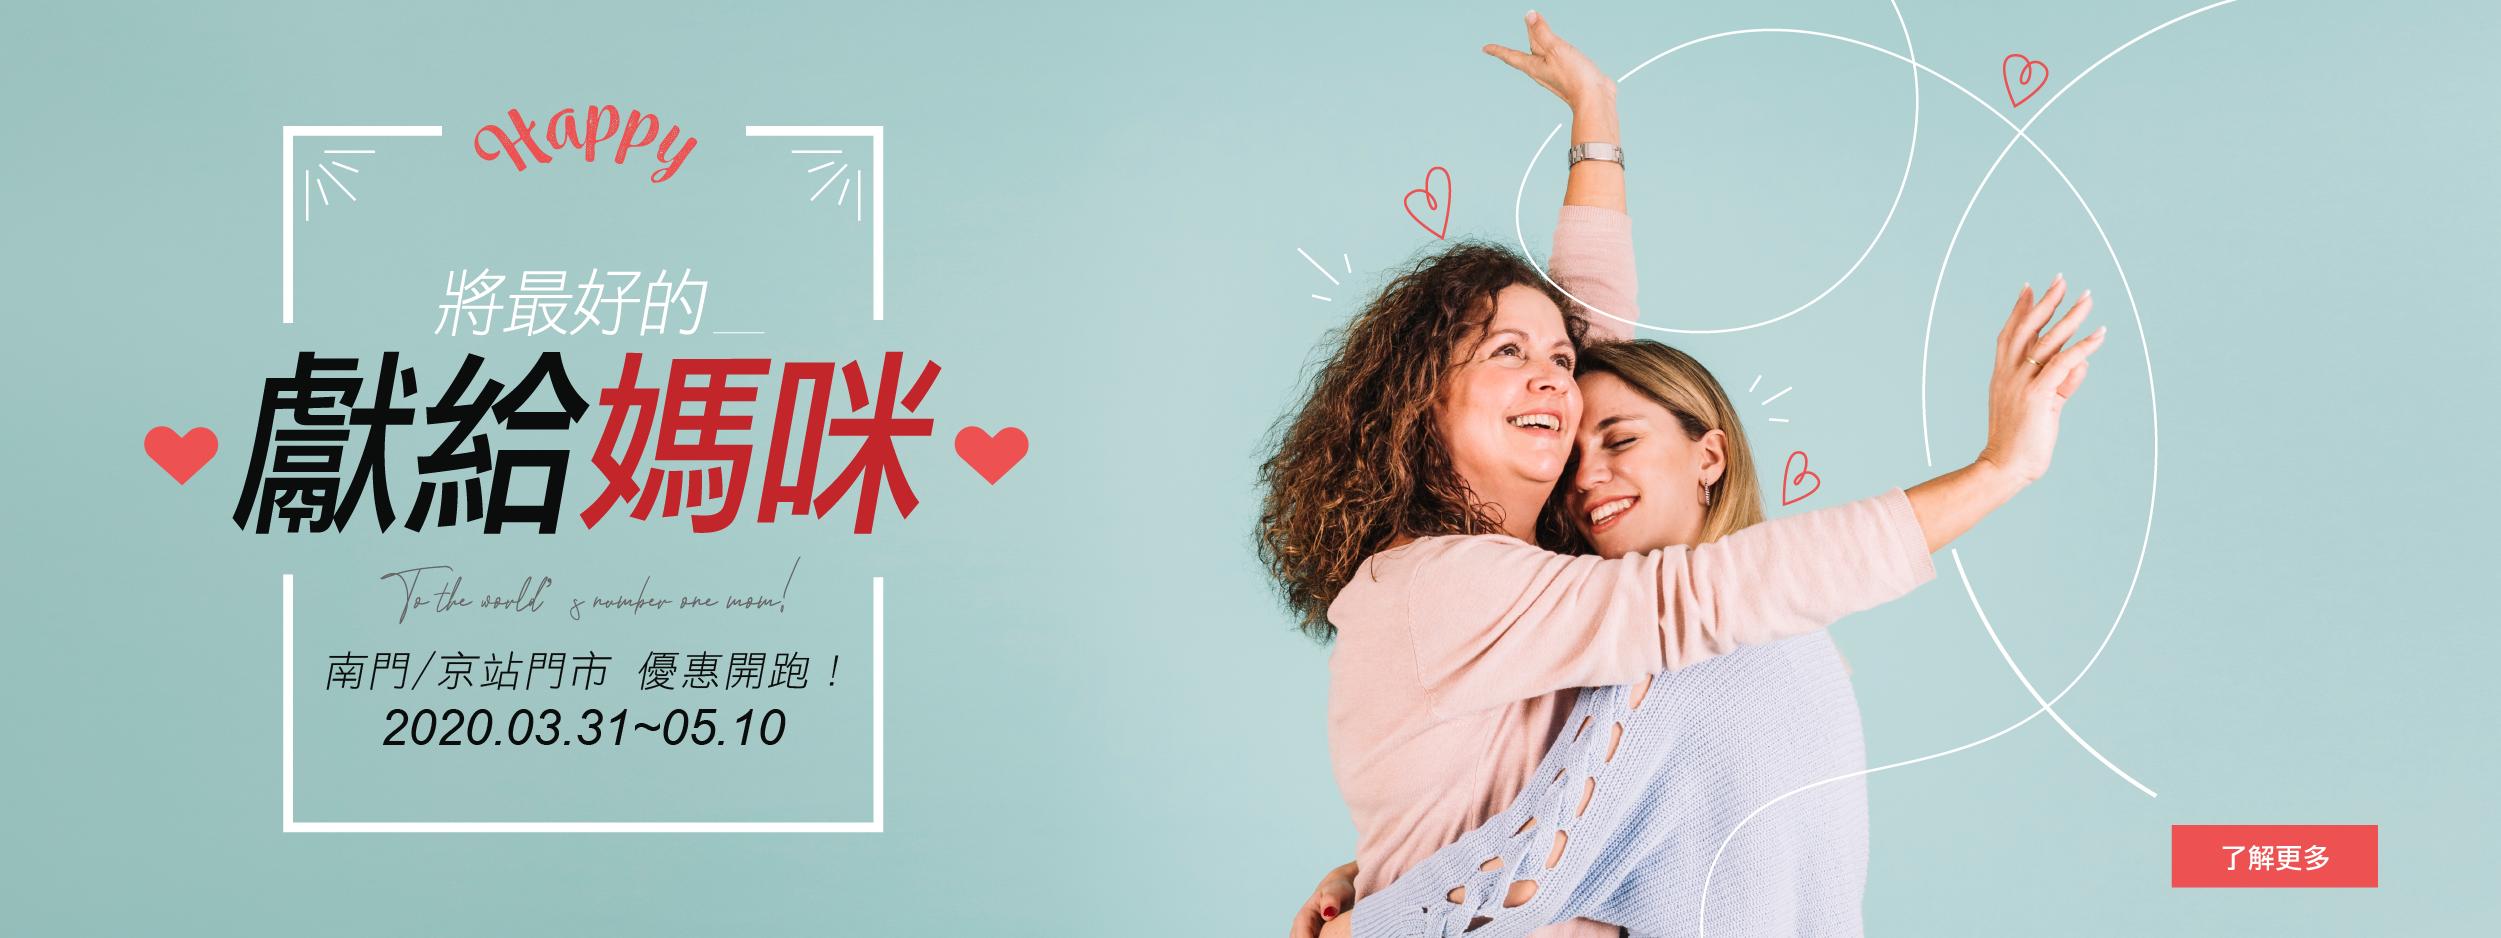 樸香氛2020母親節活動優惠